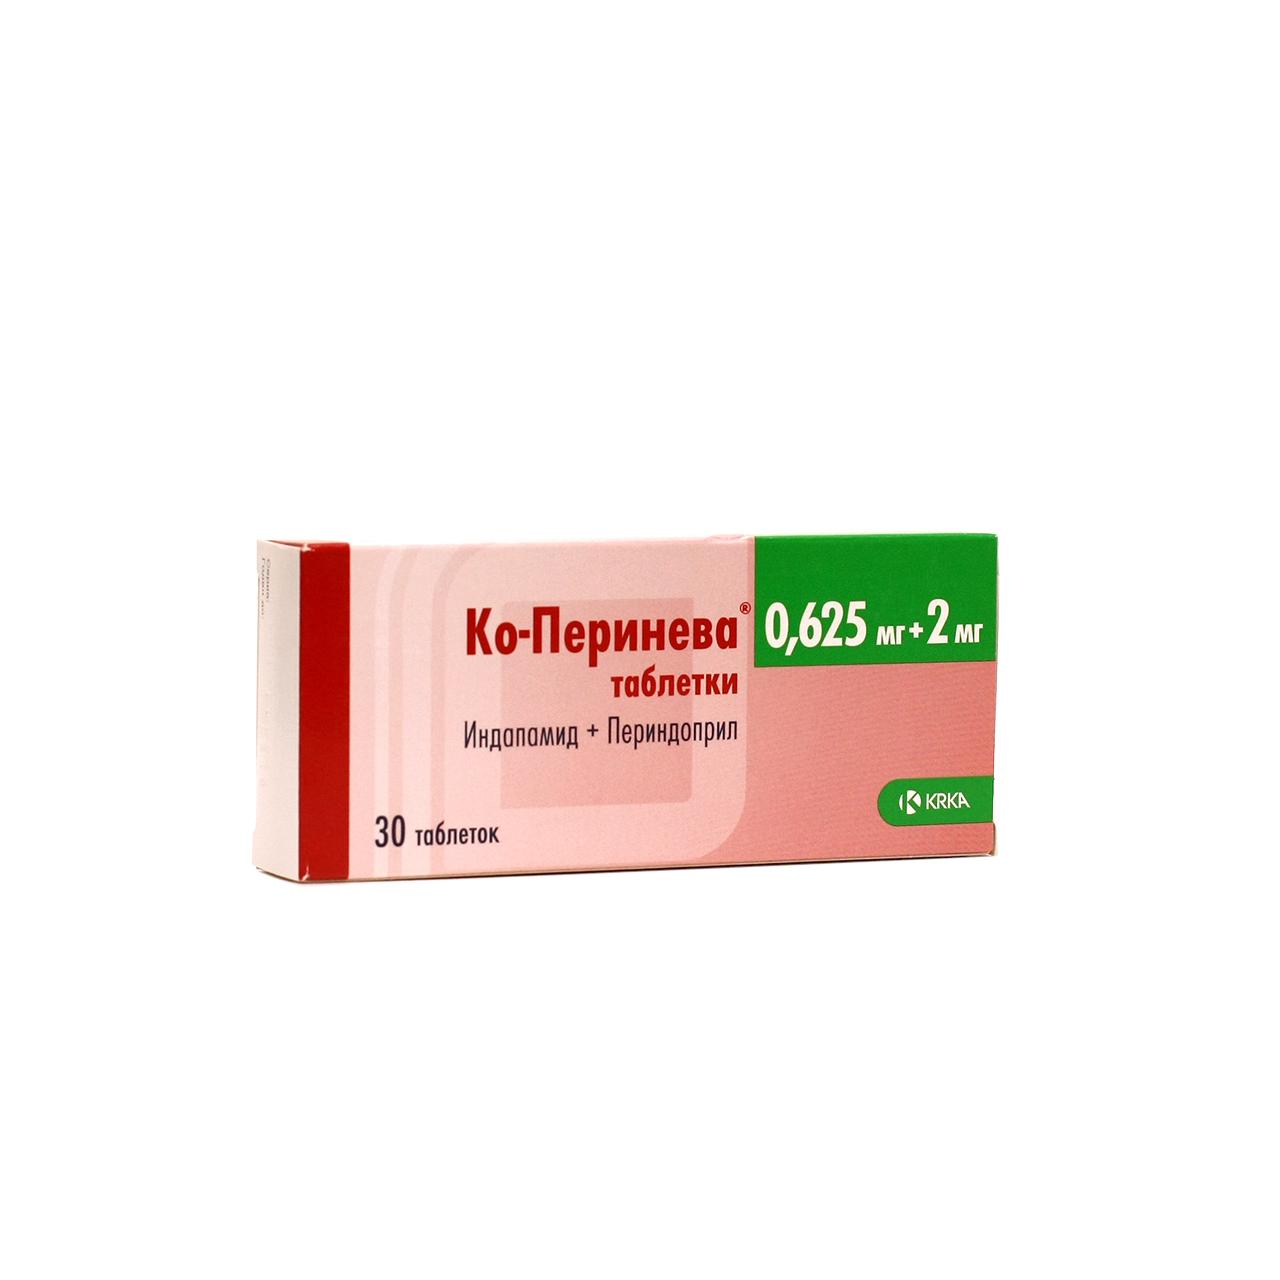 PERINEVA 4 mg tabletta - Gyógyszerkereső - Háutil.hu